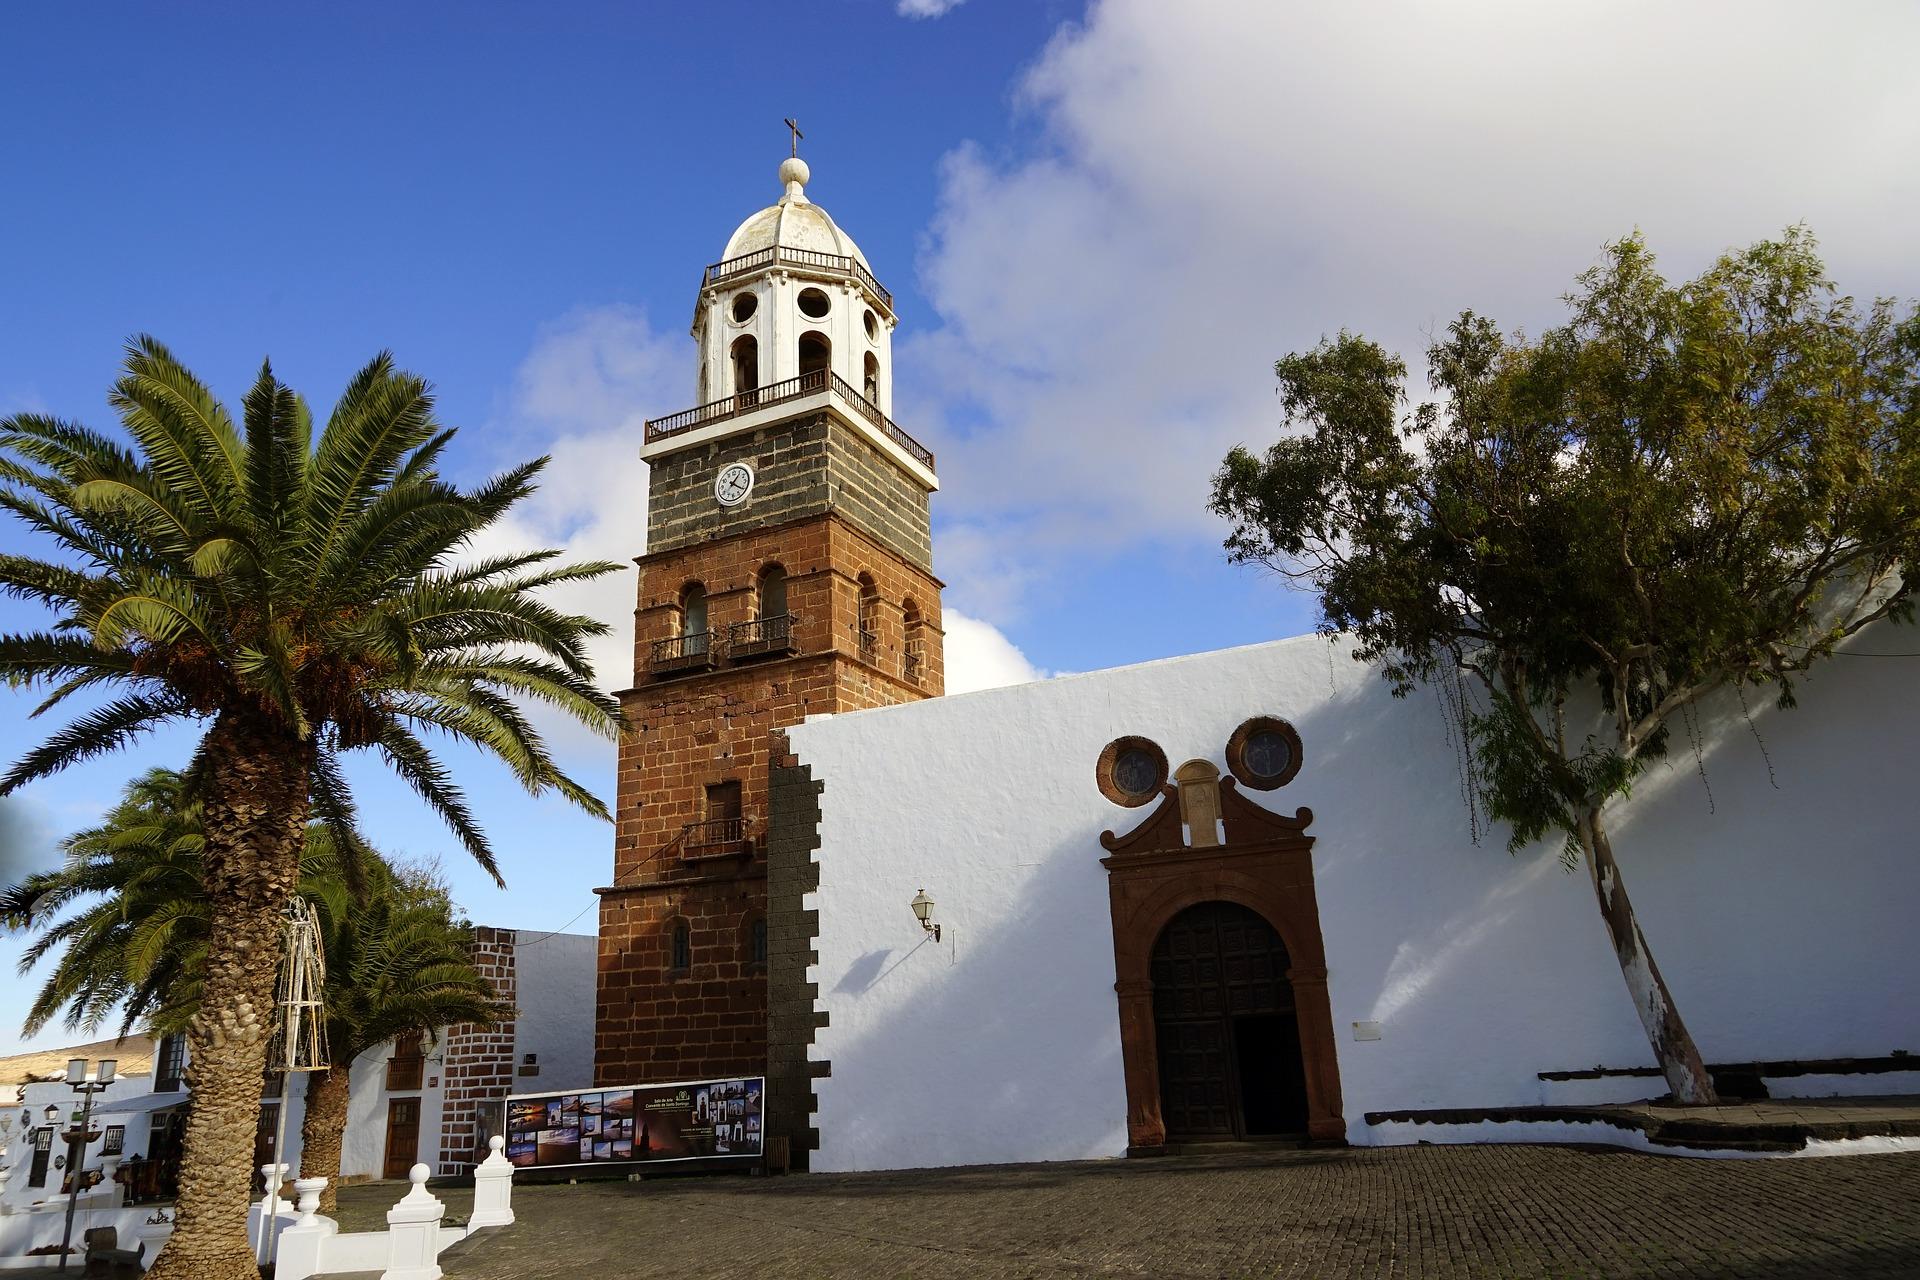 Plaza de Leon, Teguise, Lanzarote